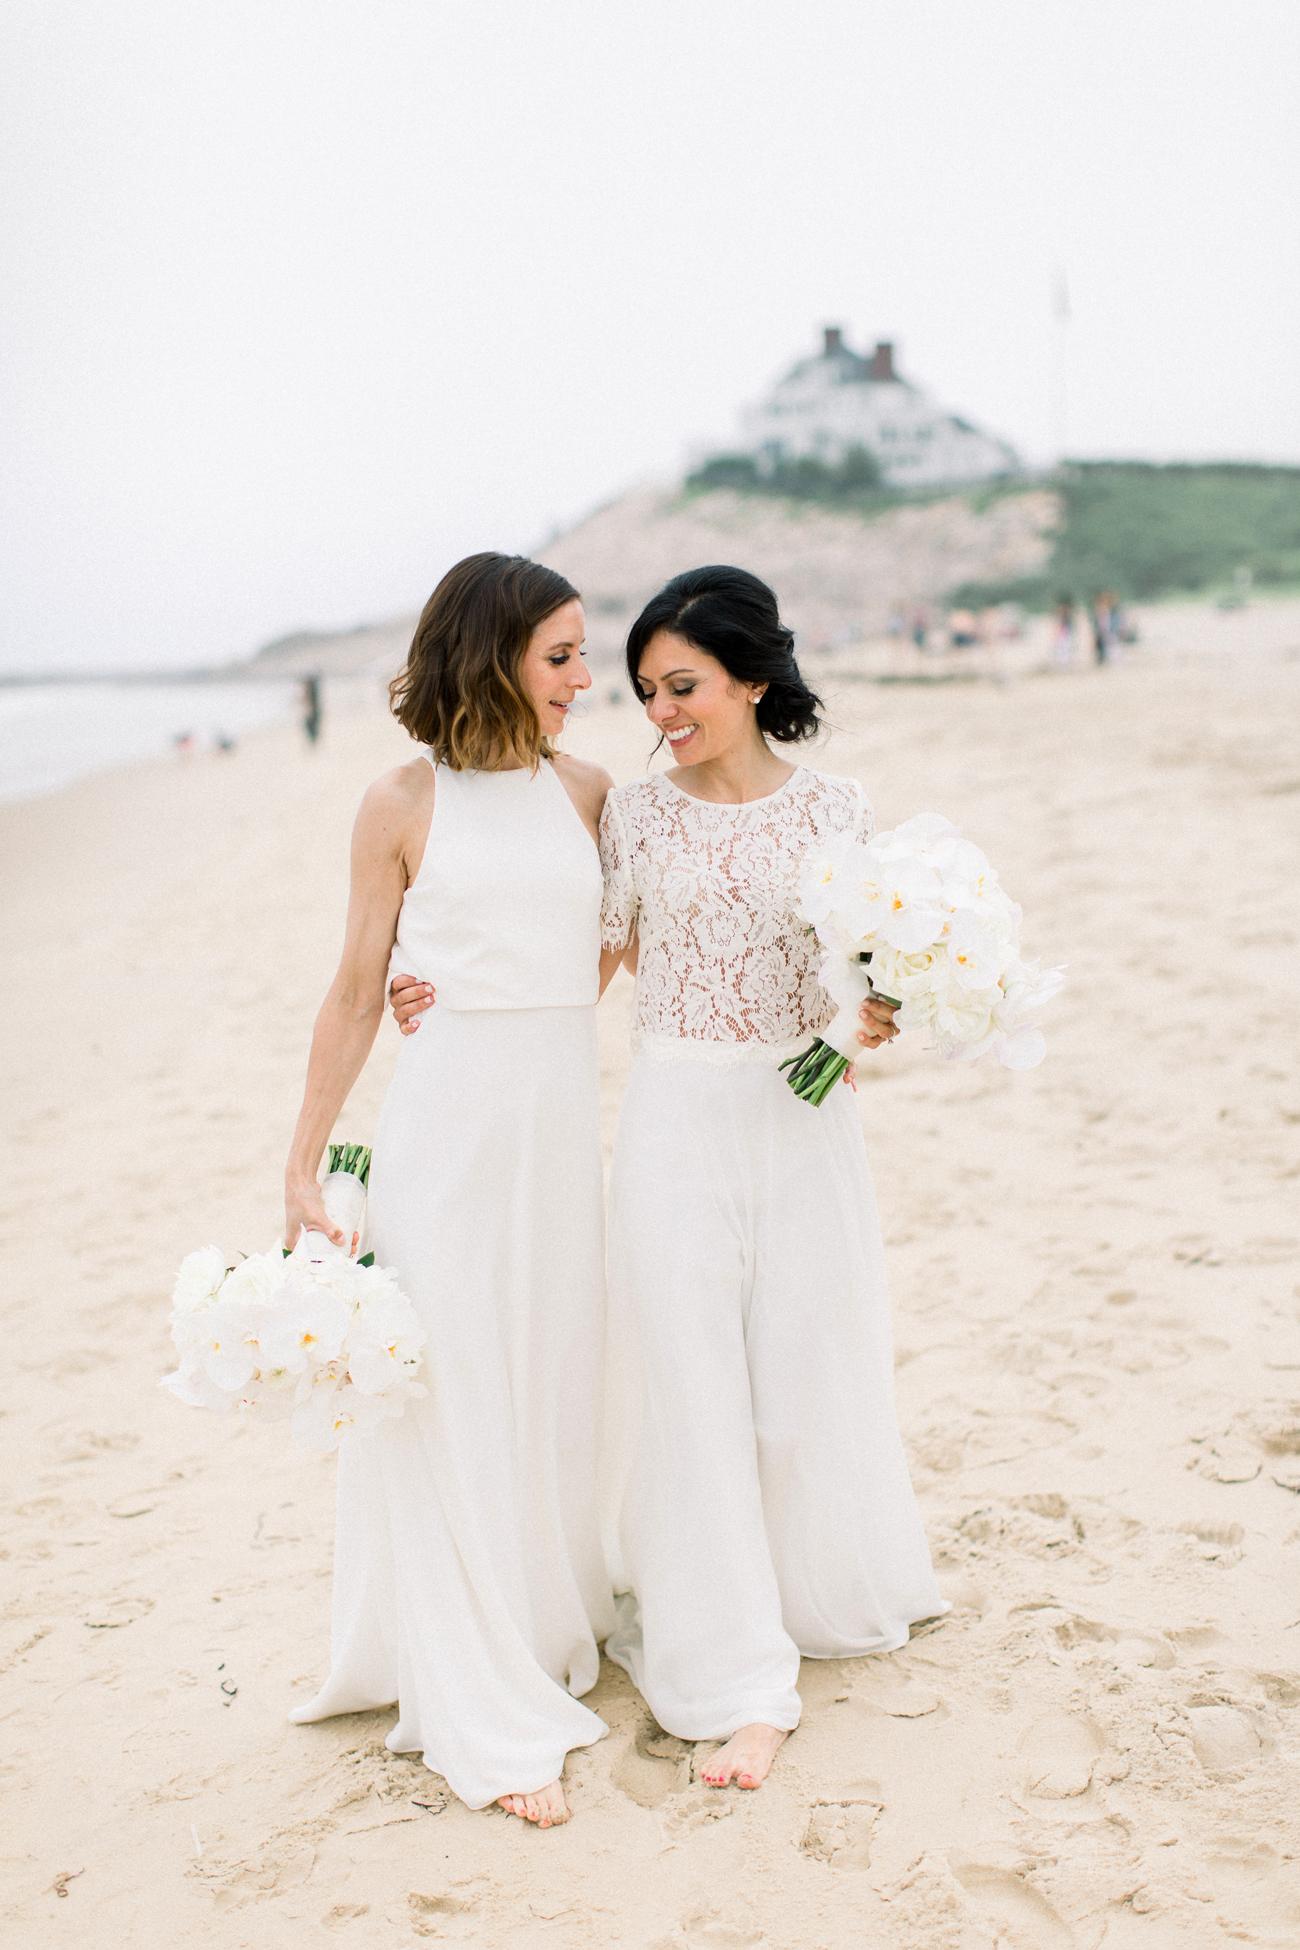 brides walk on ocean front beach